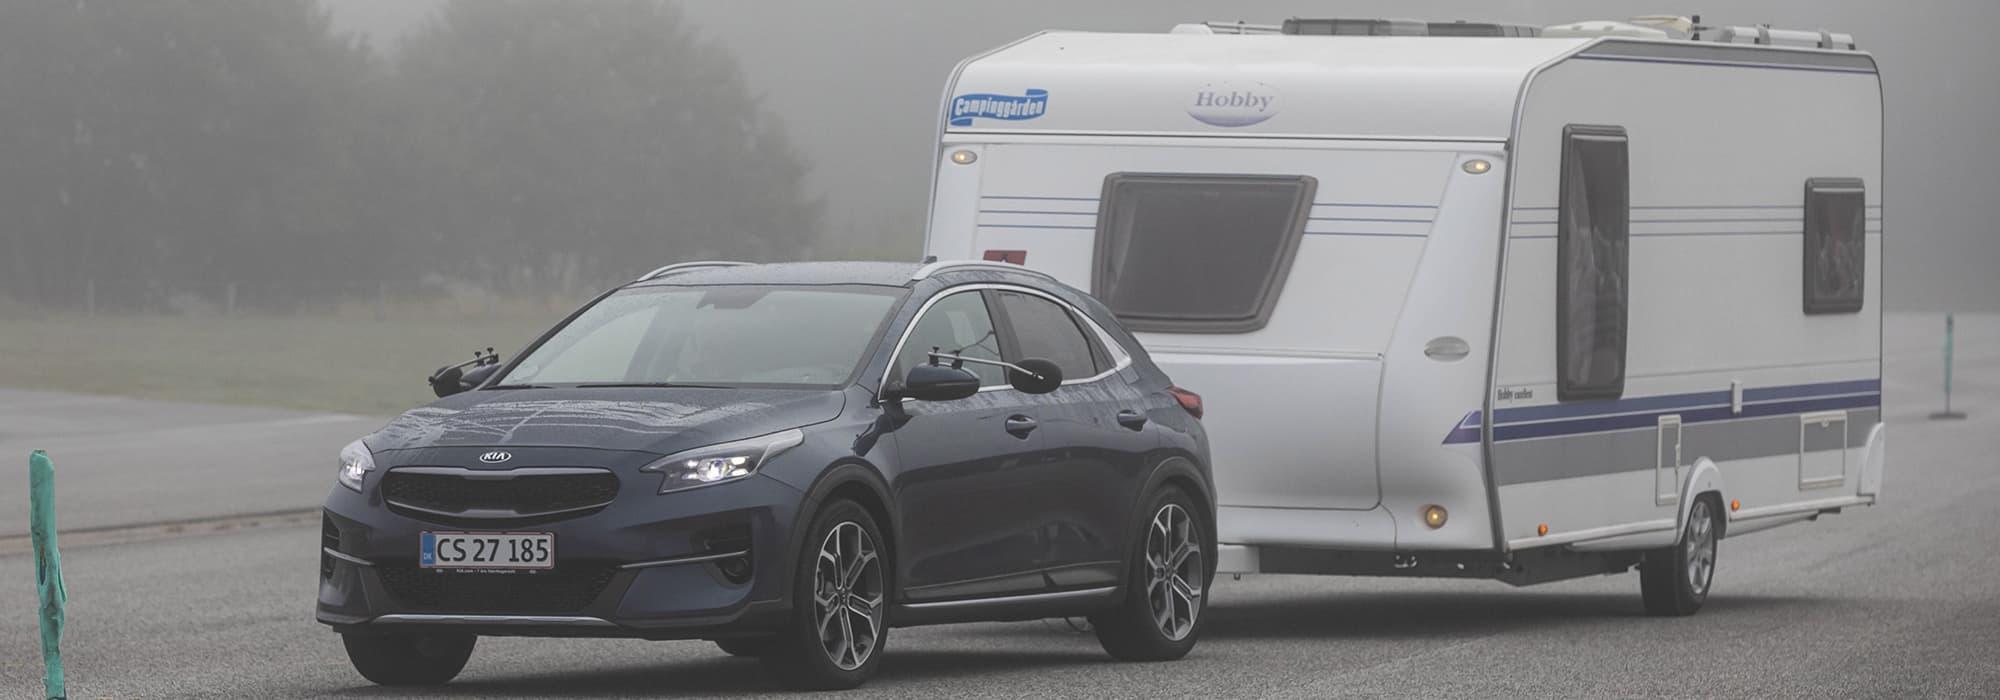 Xeed_banner_årets campingtrækker